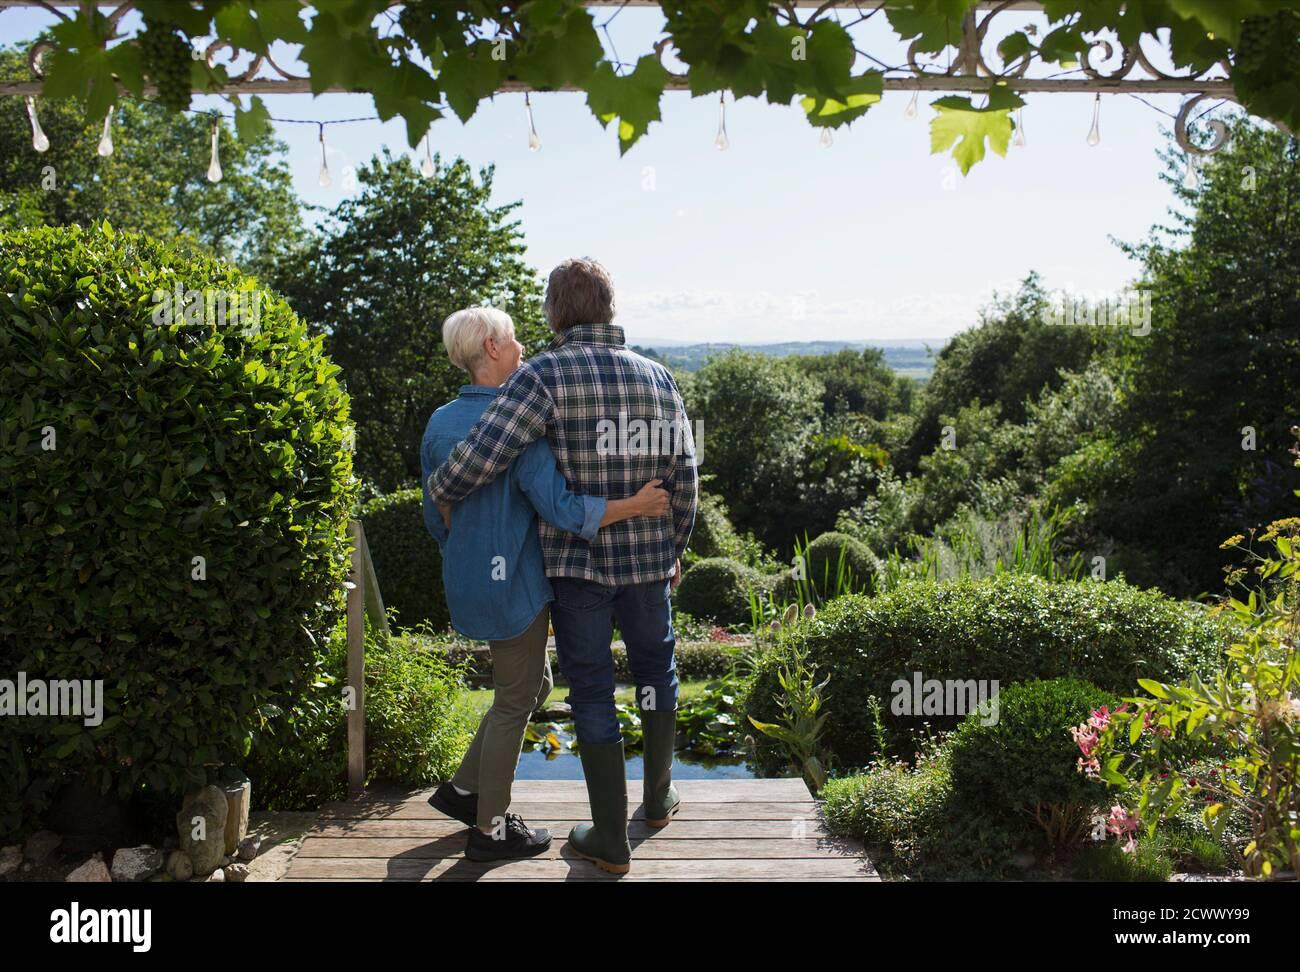 Un couple affectueux qui s'enserre dans un jardin d'été ensoleillé Banque D'Images